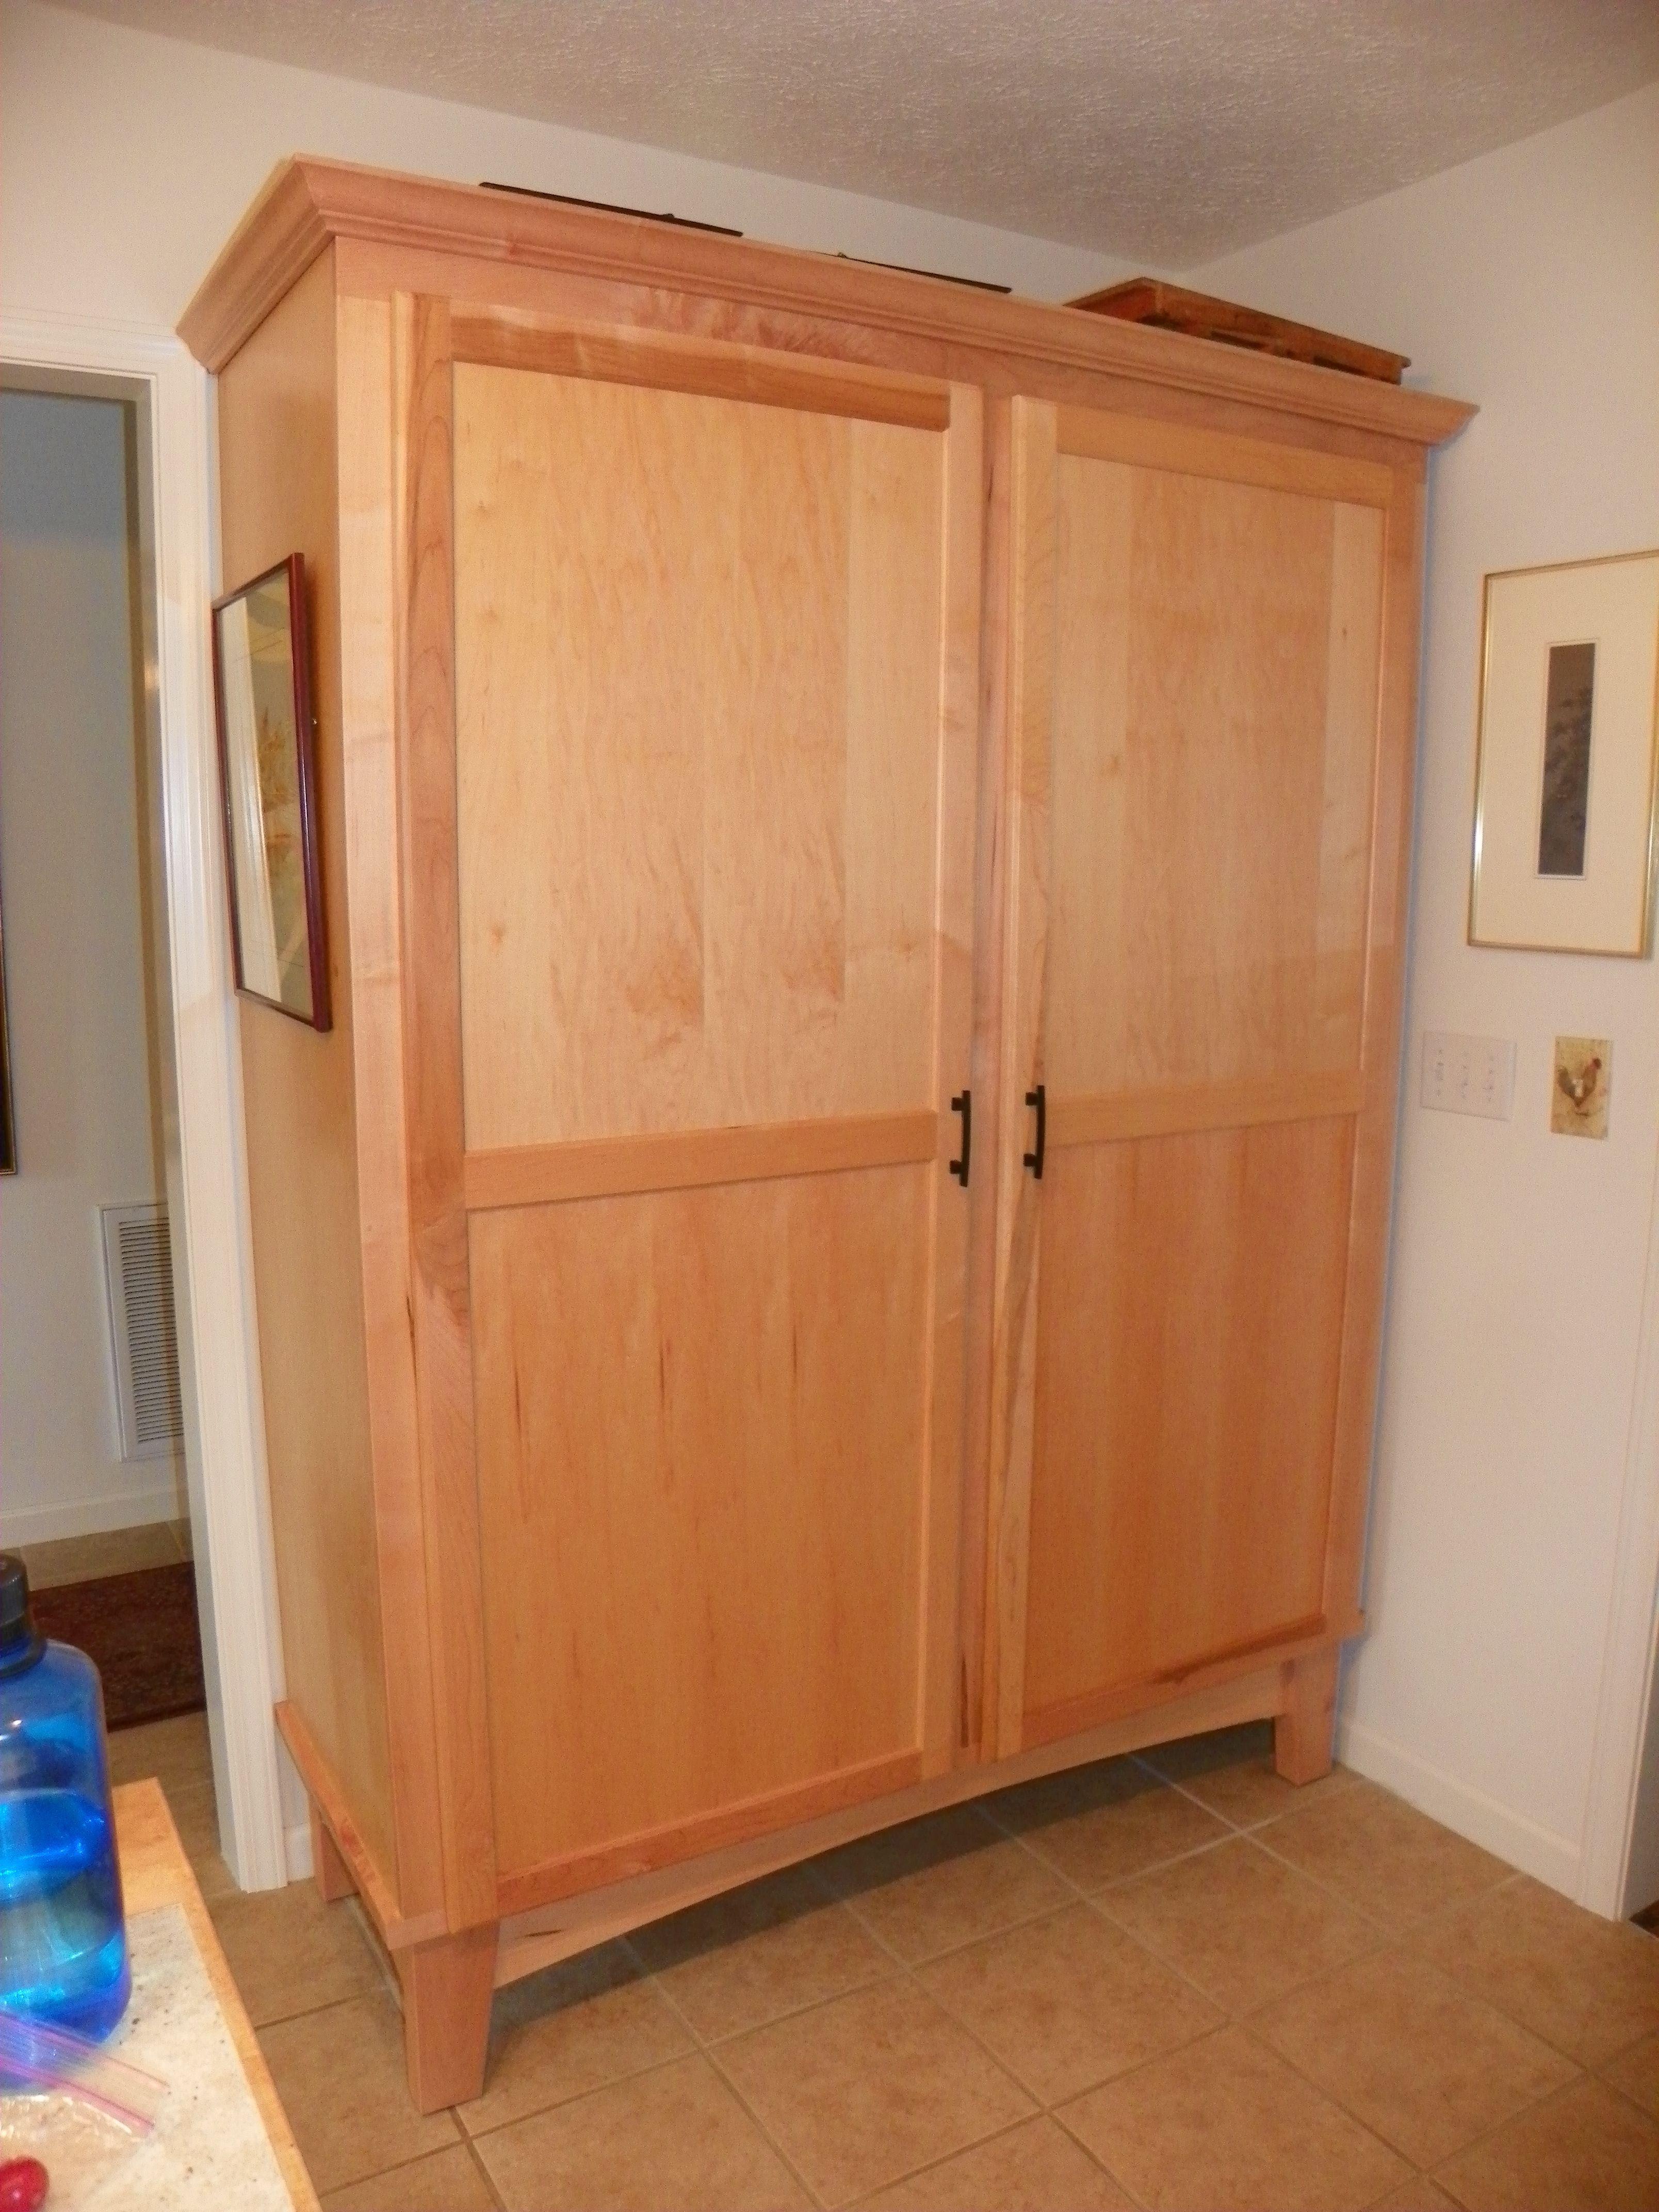 Maple kitchen pantry | Tall cabinet storage, Maple kitchen ...